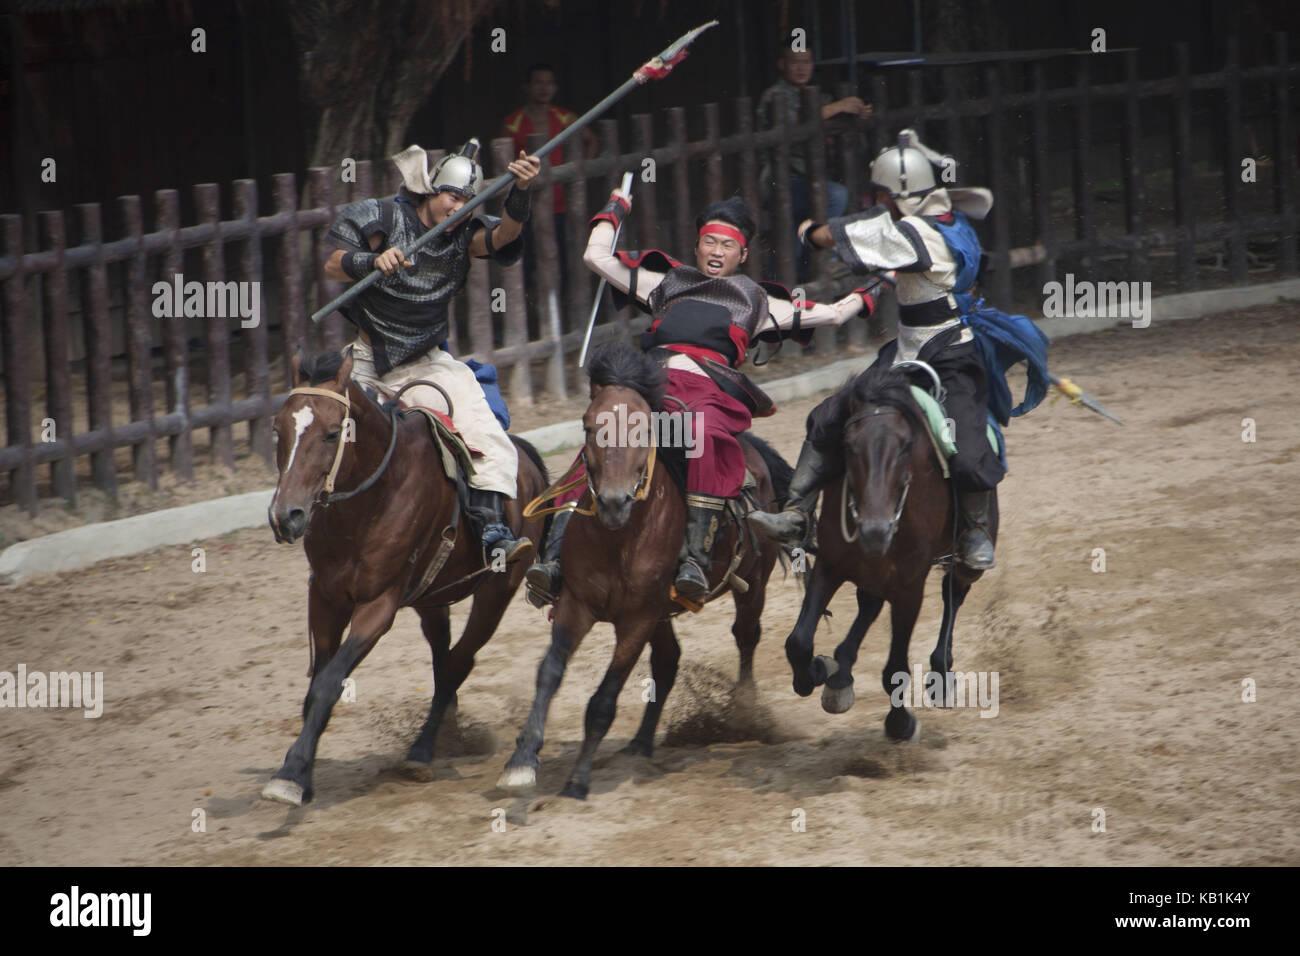 Show with horses, Splendid China park Shenzhin, - Stock Image